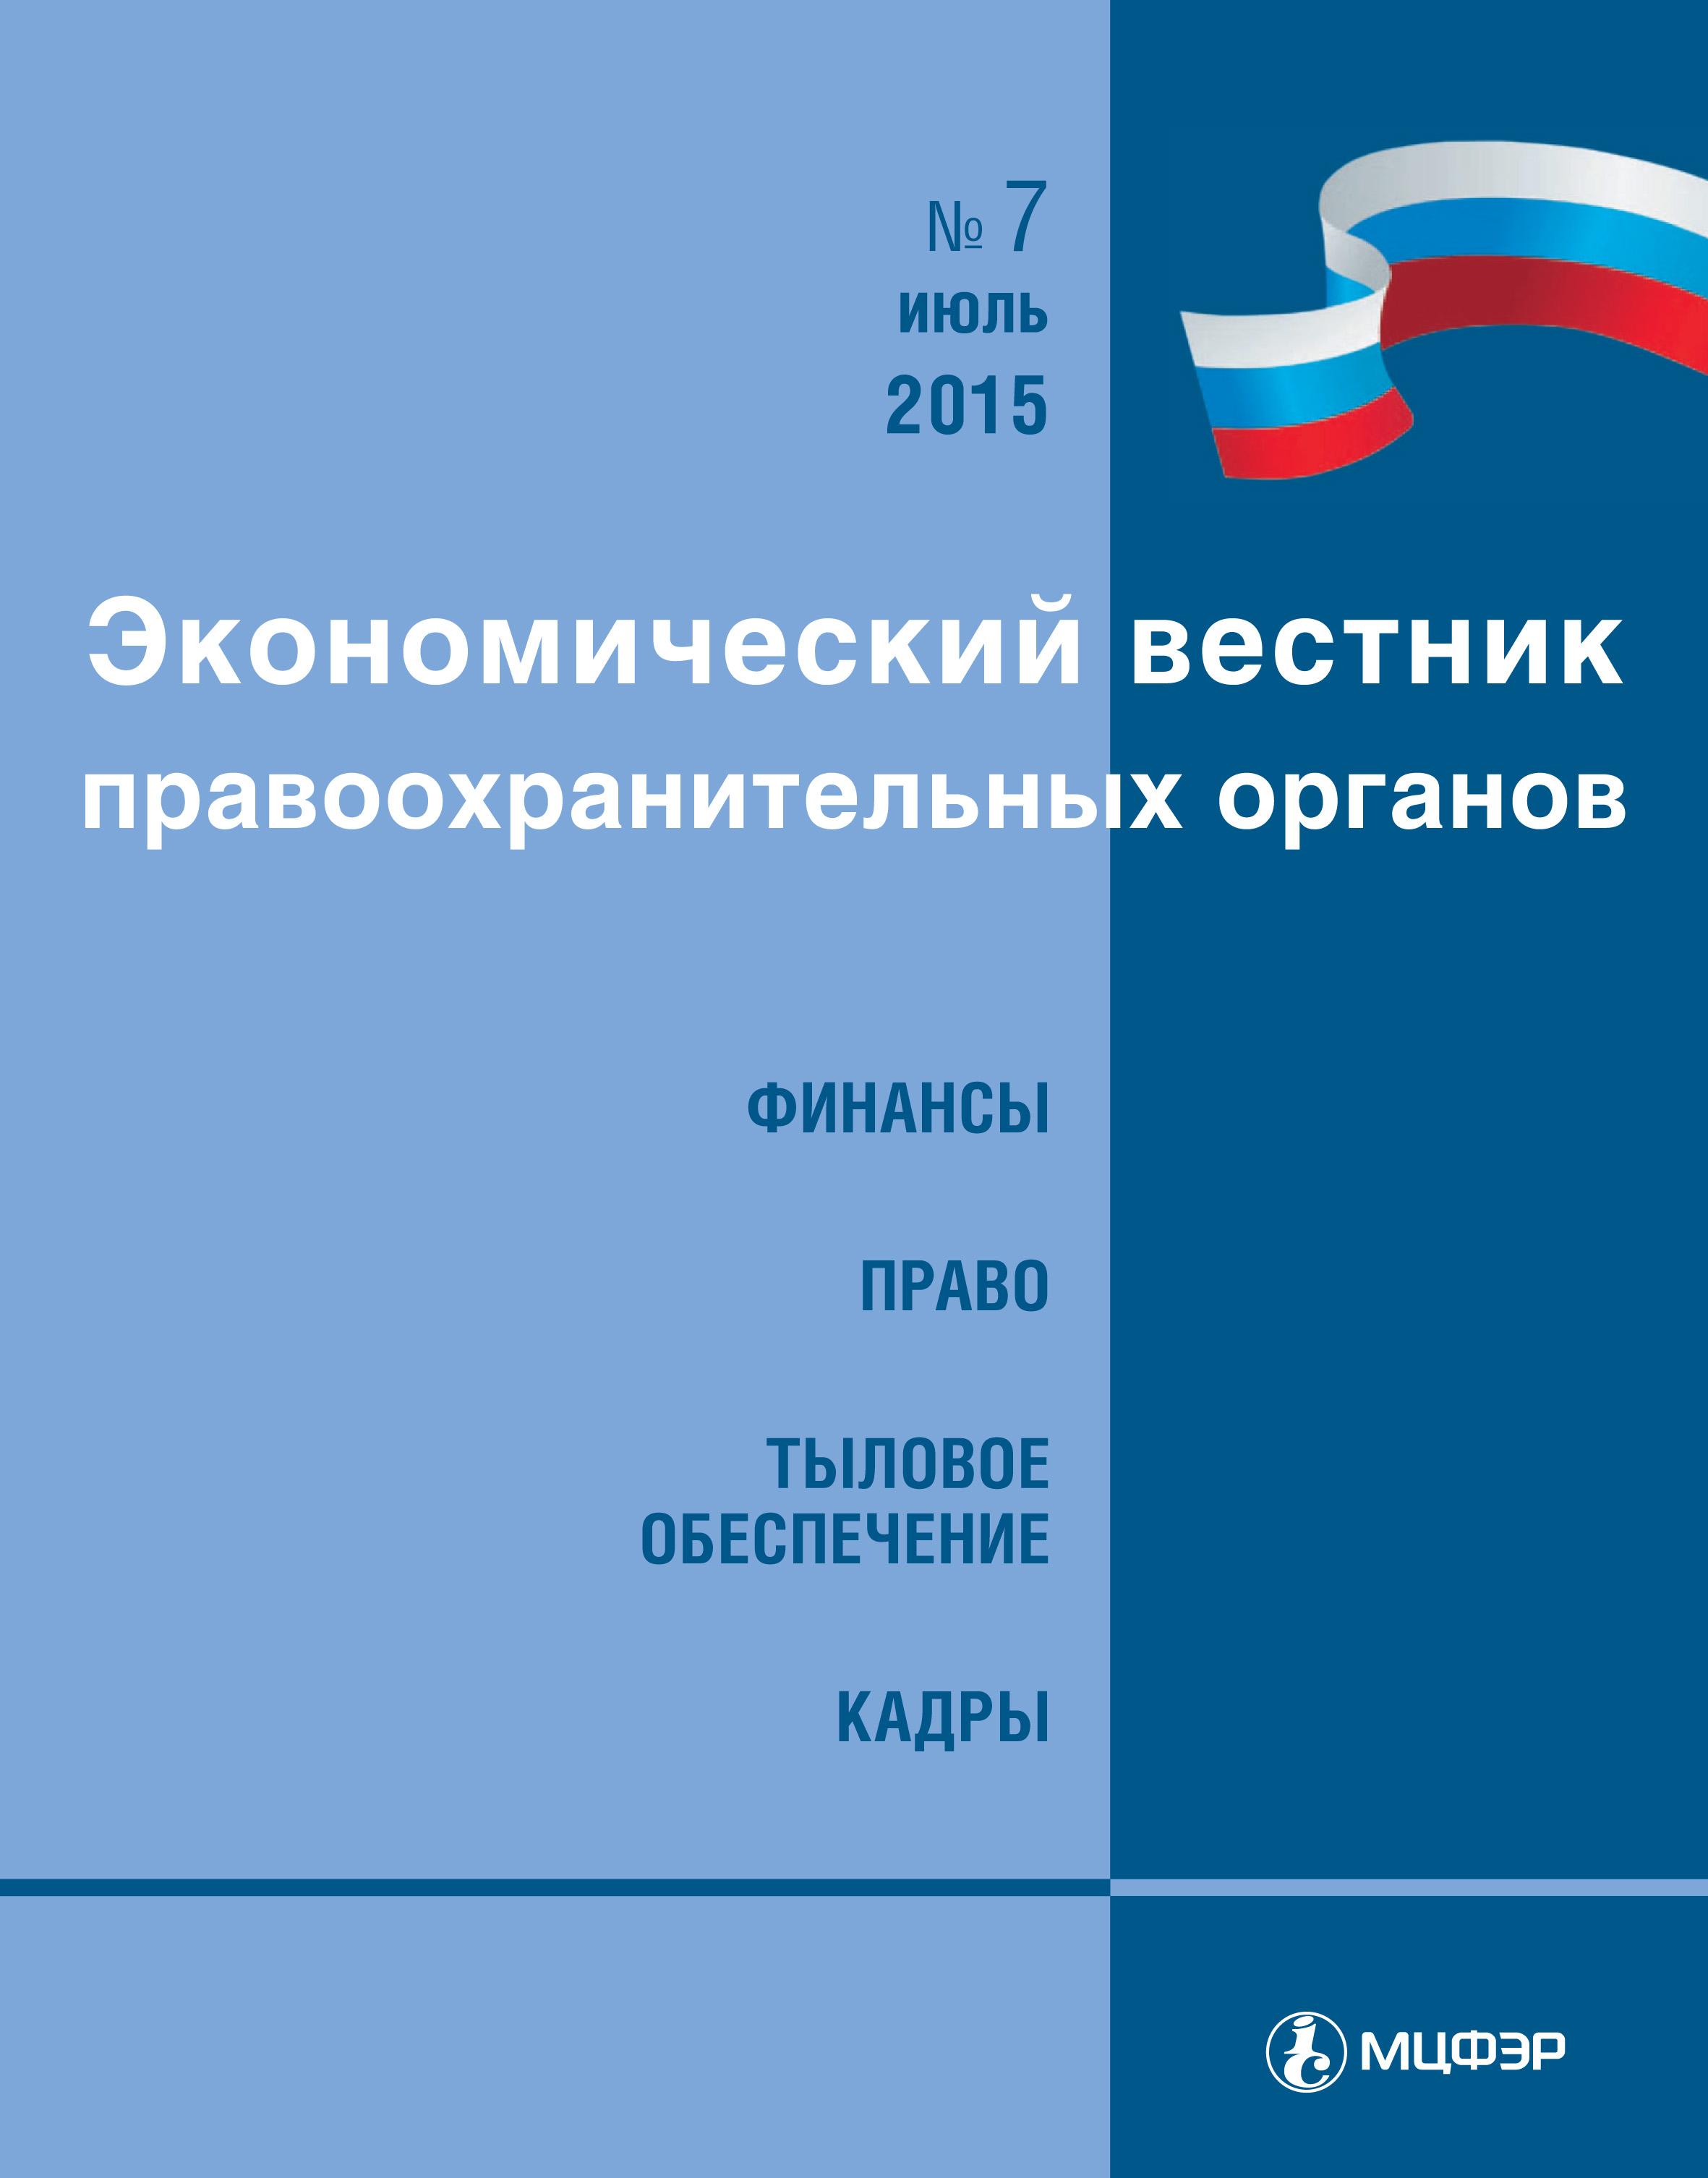 Экономический вестник правоохранительных органов №07/2015